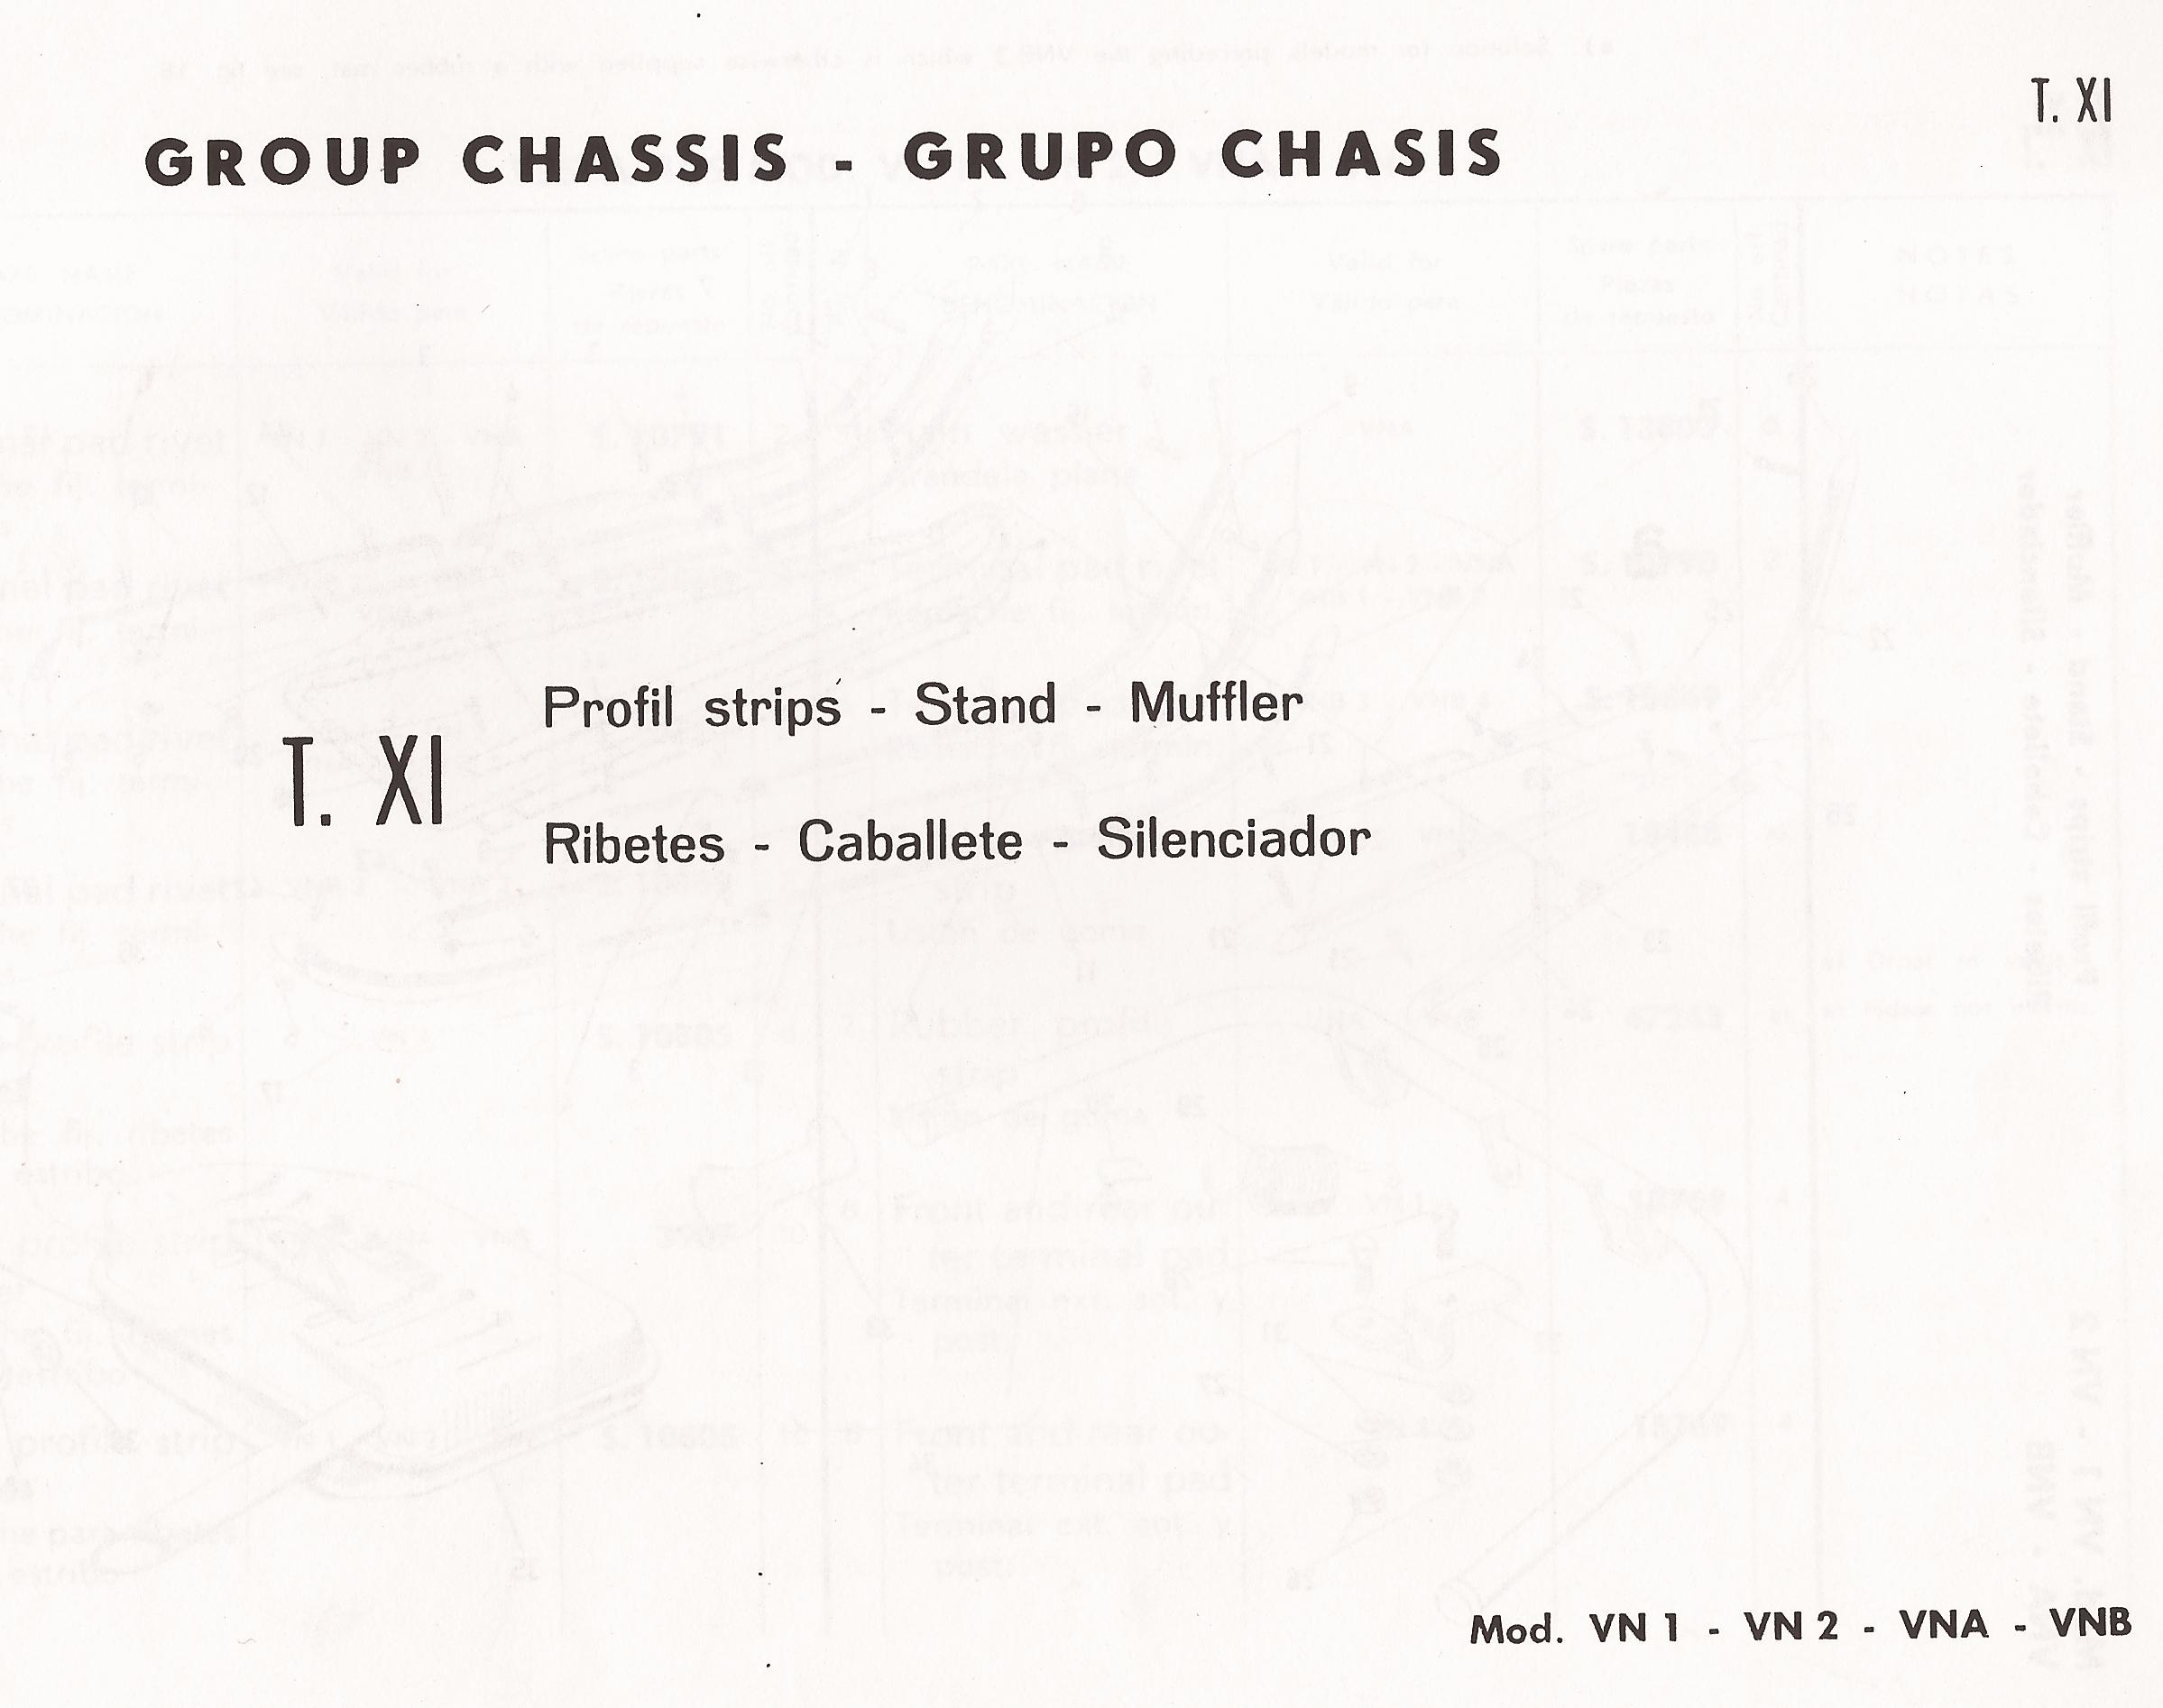 07-16-2013 vespa 125 catalog manuel 99.jpg